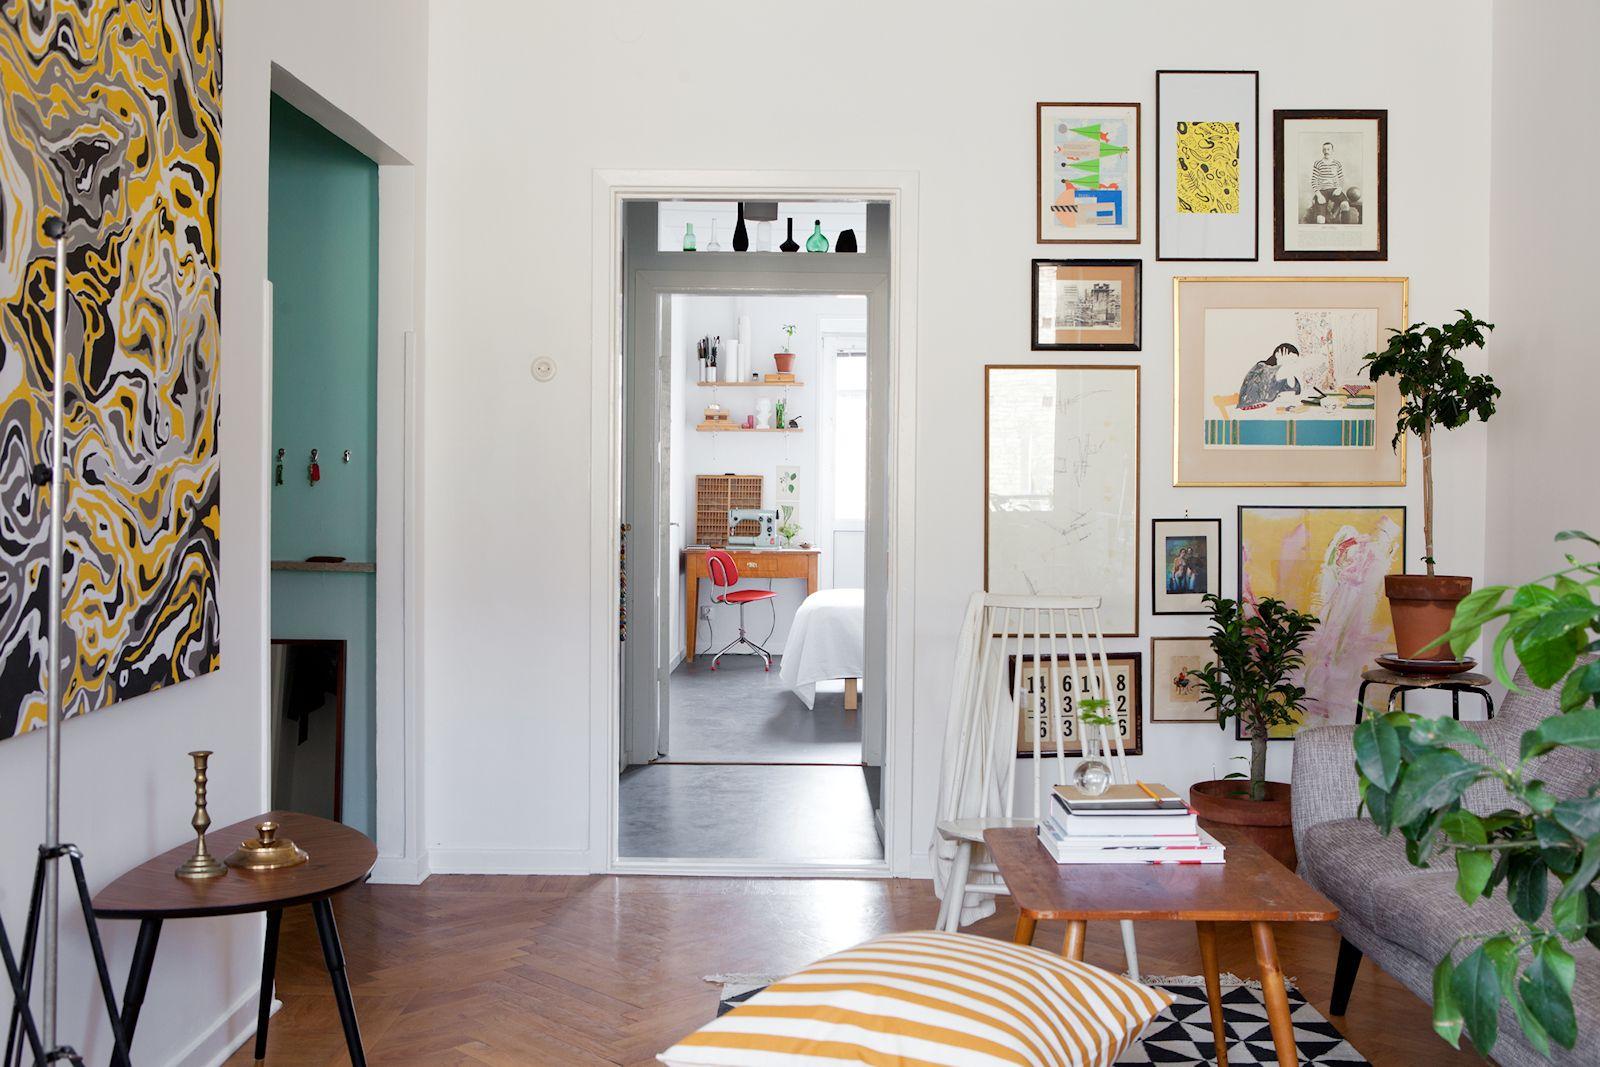 Departamento de 2 ambientes en estilo n rdico y vintage - Estilo nordico decoracion ...